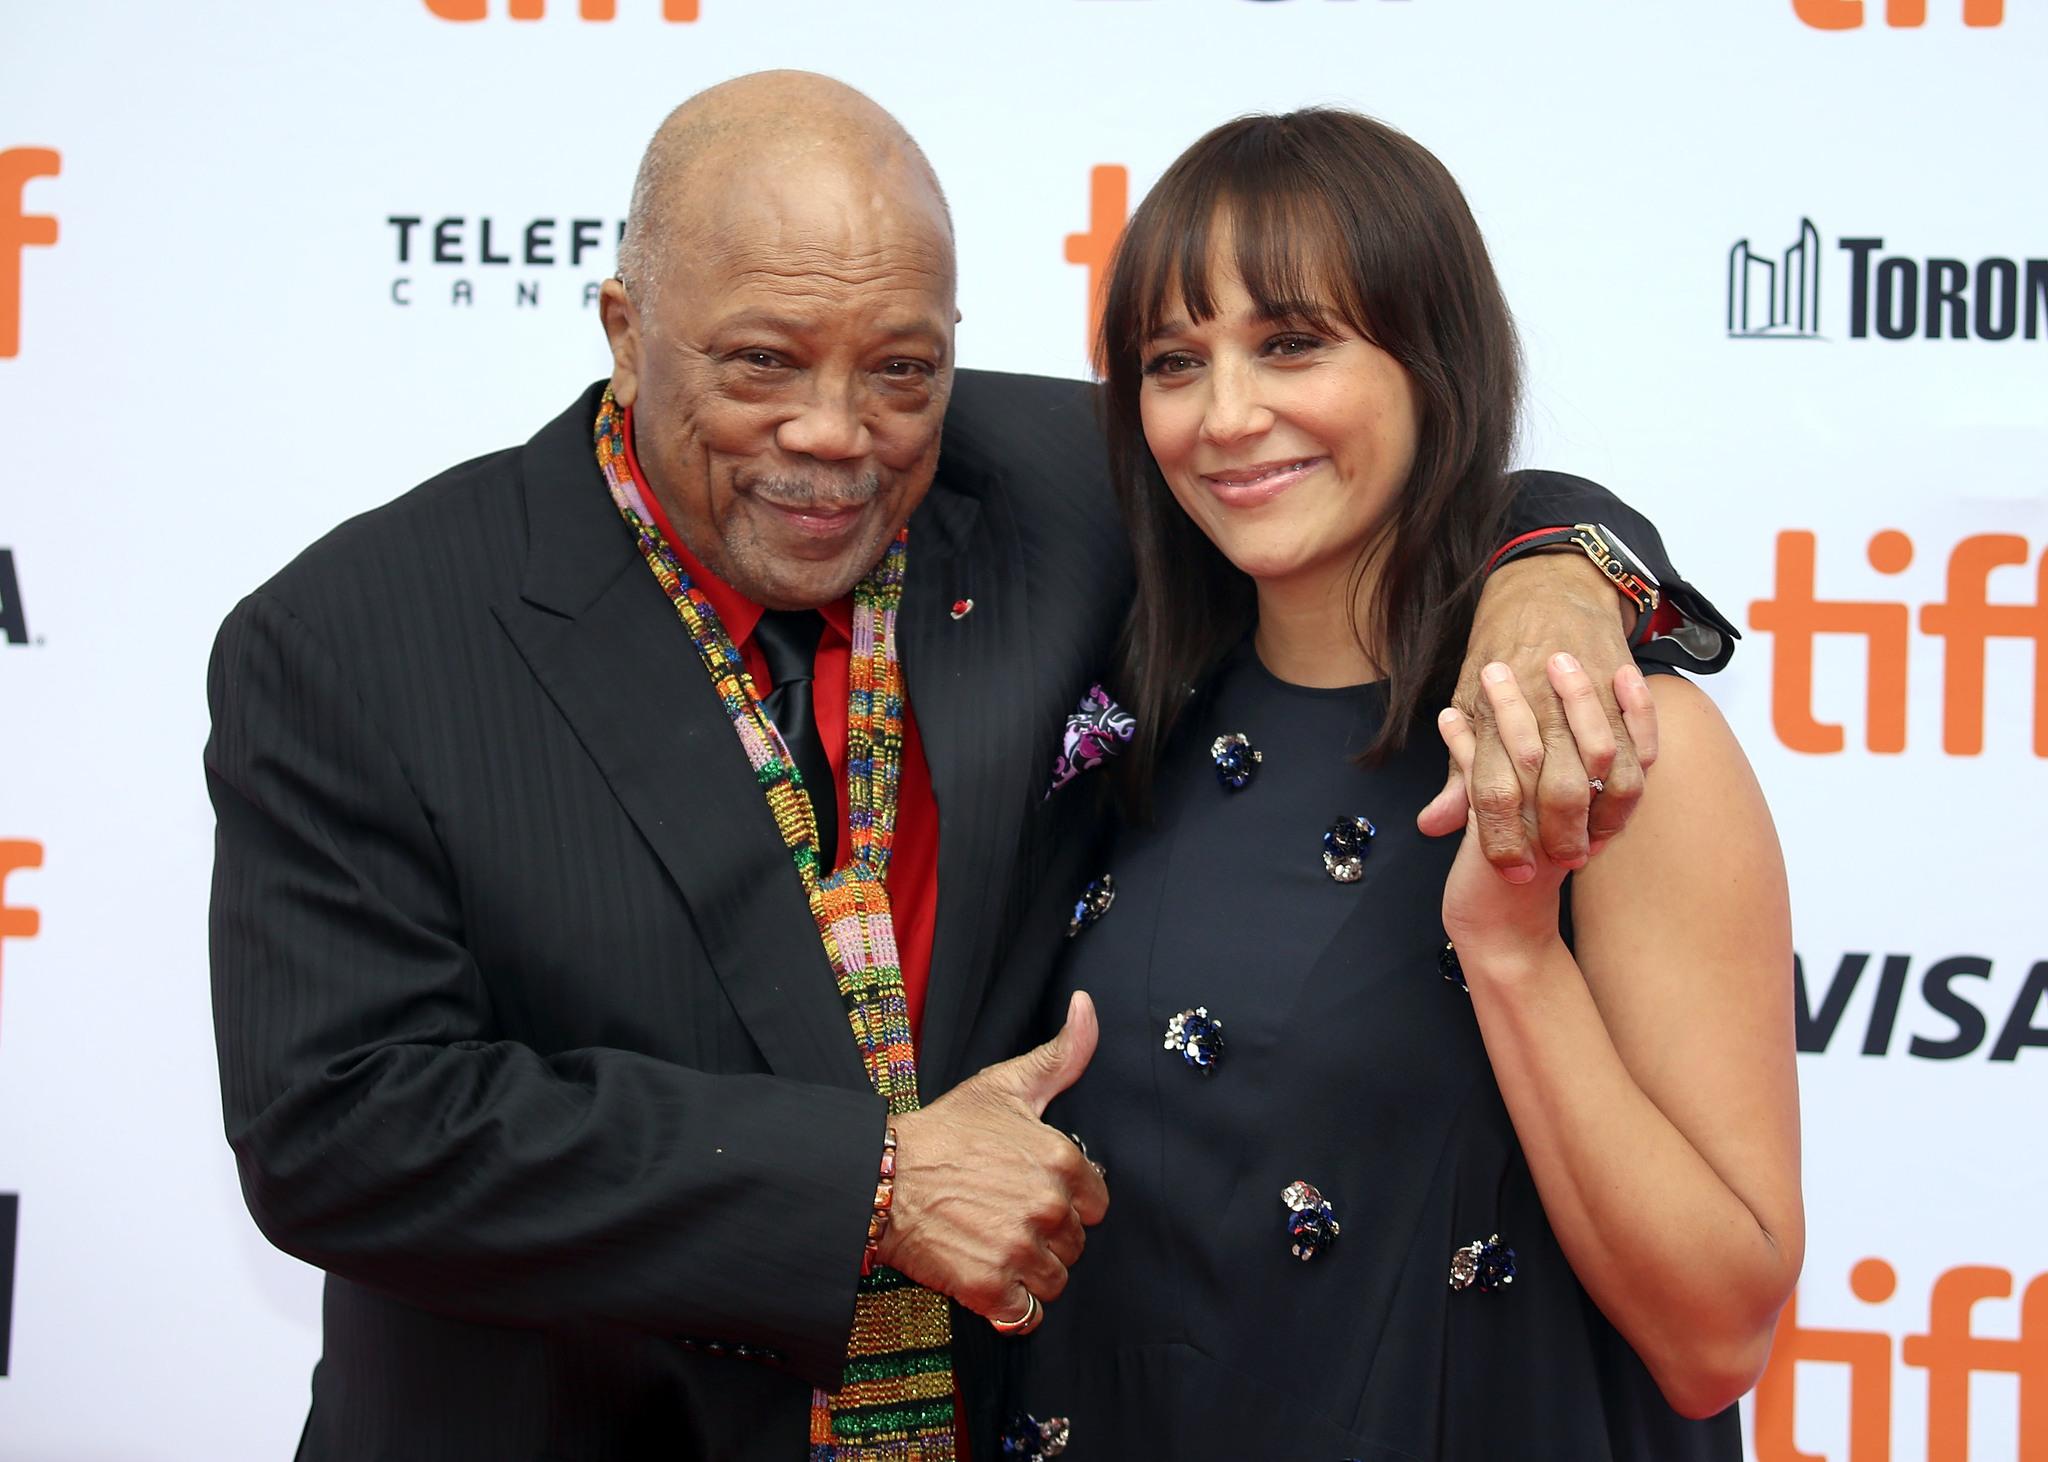 Quincy Jones and Rashida Jones at an event for Quincy (2018)